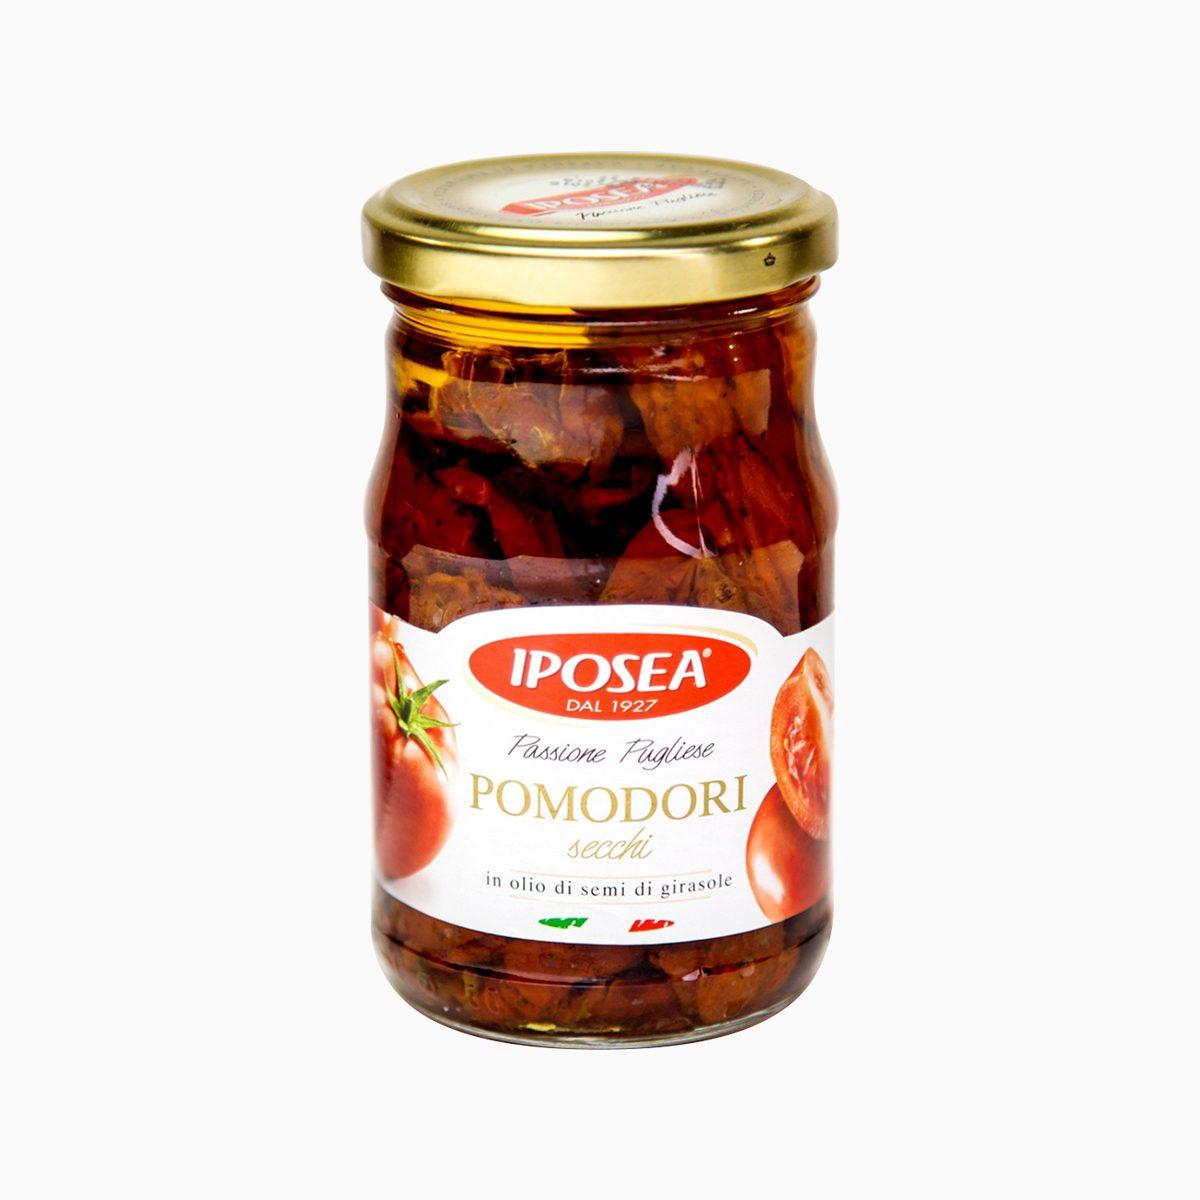 Томаты сушеные в масле, Iposea, 280 гр